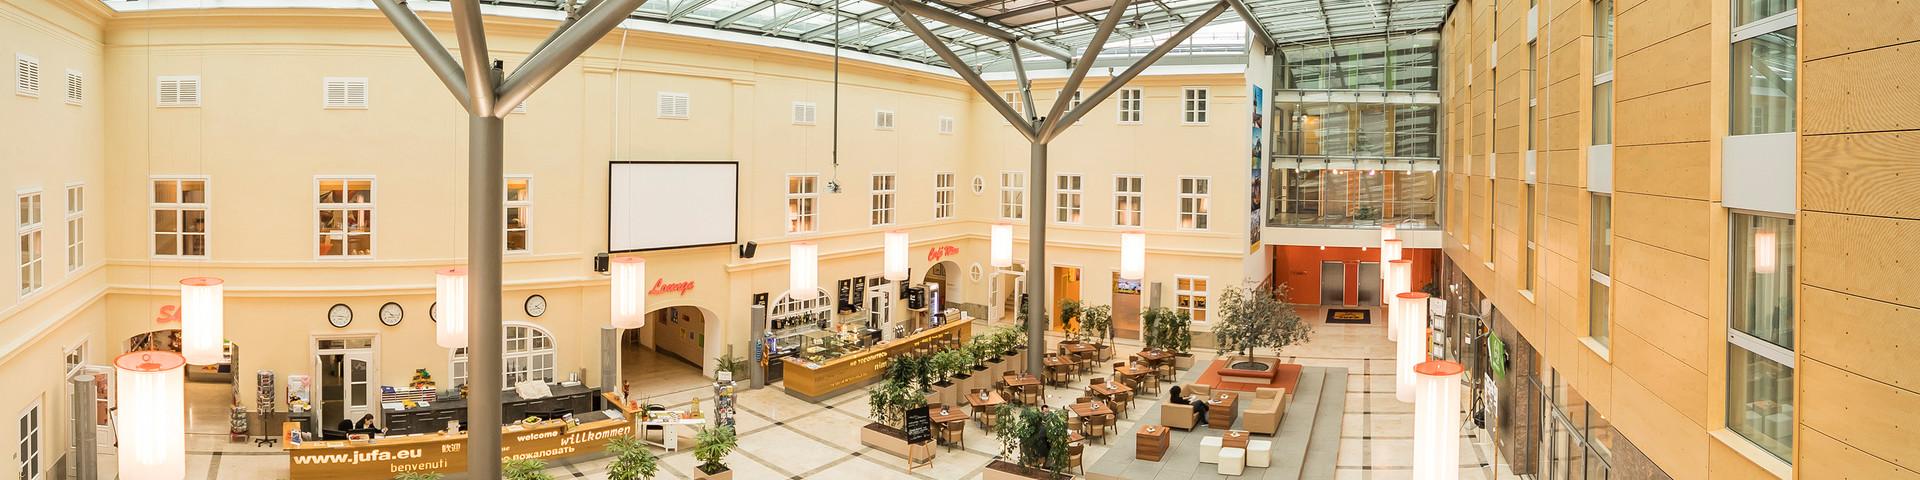 JUFA Hotel Wien City - Panorama Atirum Glasdach © JUFA Hotel Wien City